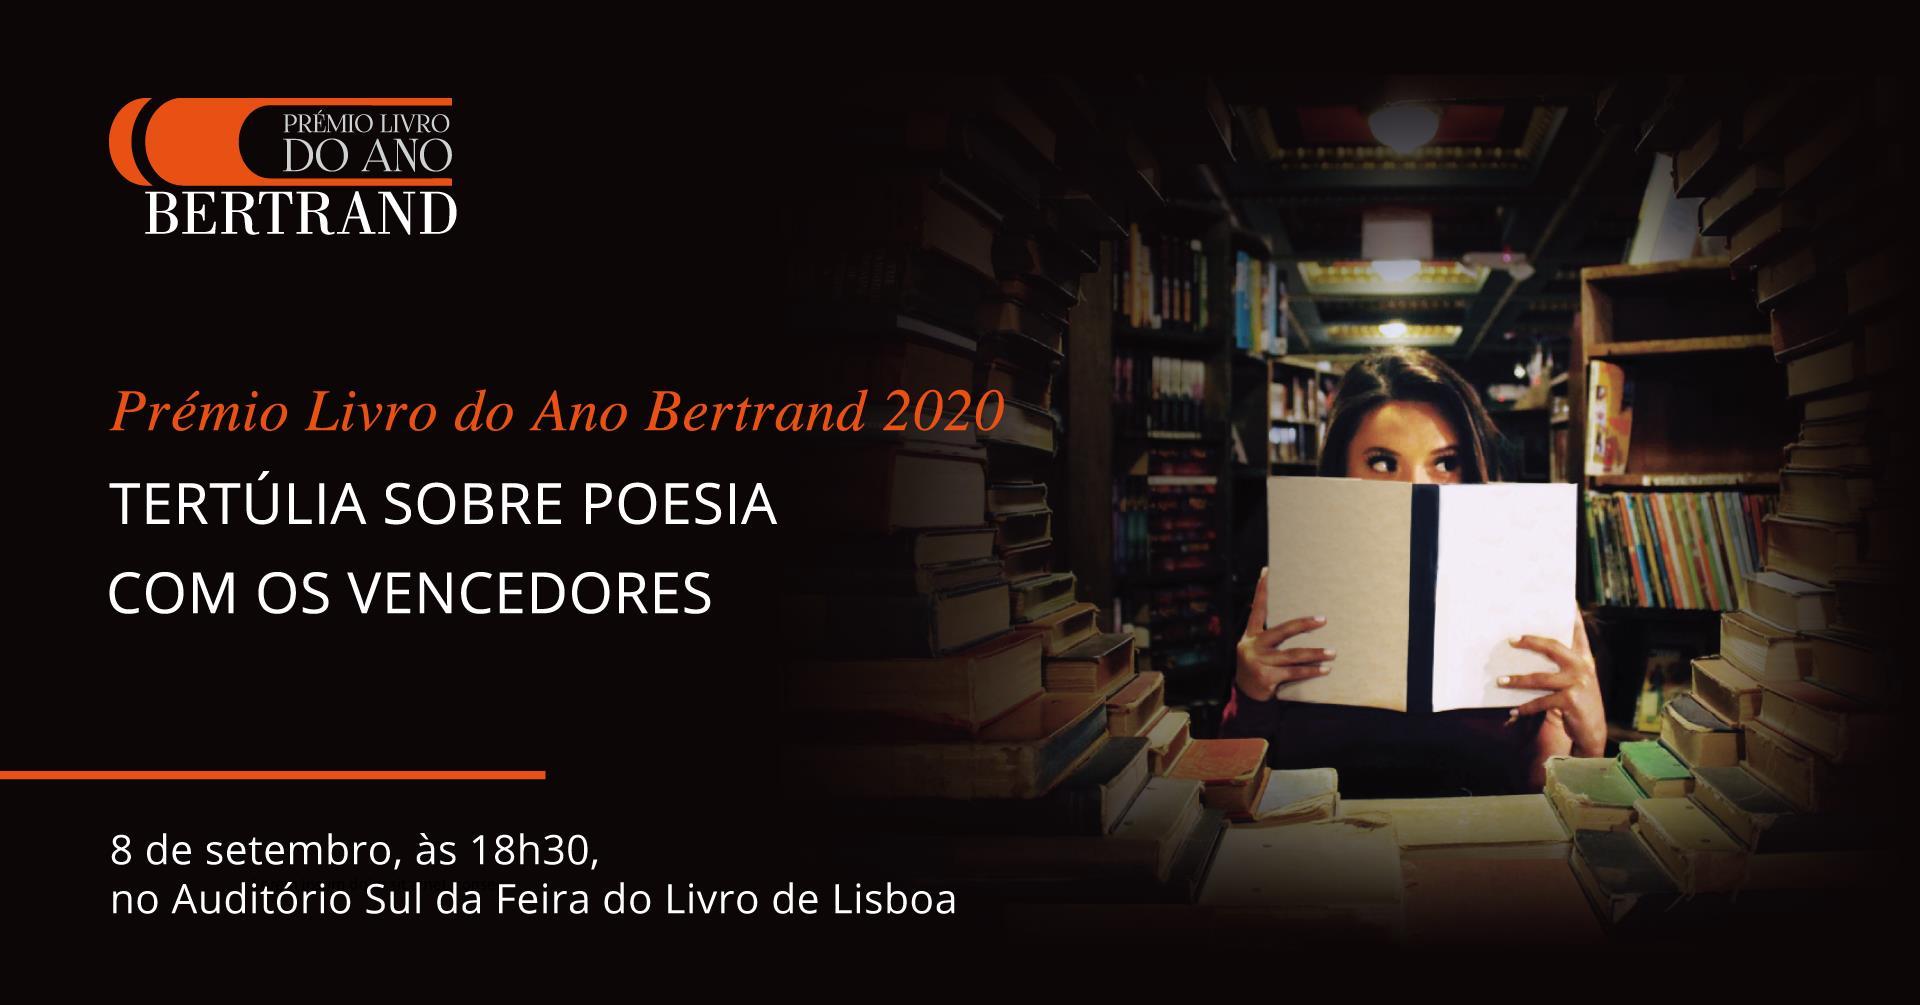 Prémio Livro do Ano Bertrand 2020 | Tertúlia sobre Poesia com os vencedores